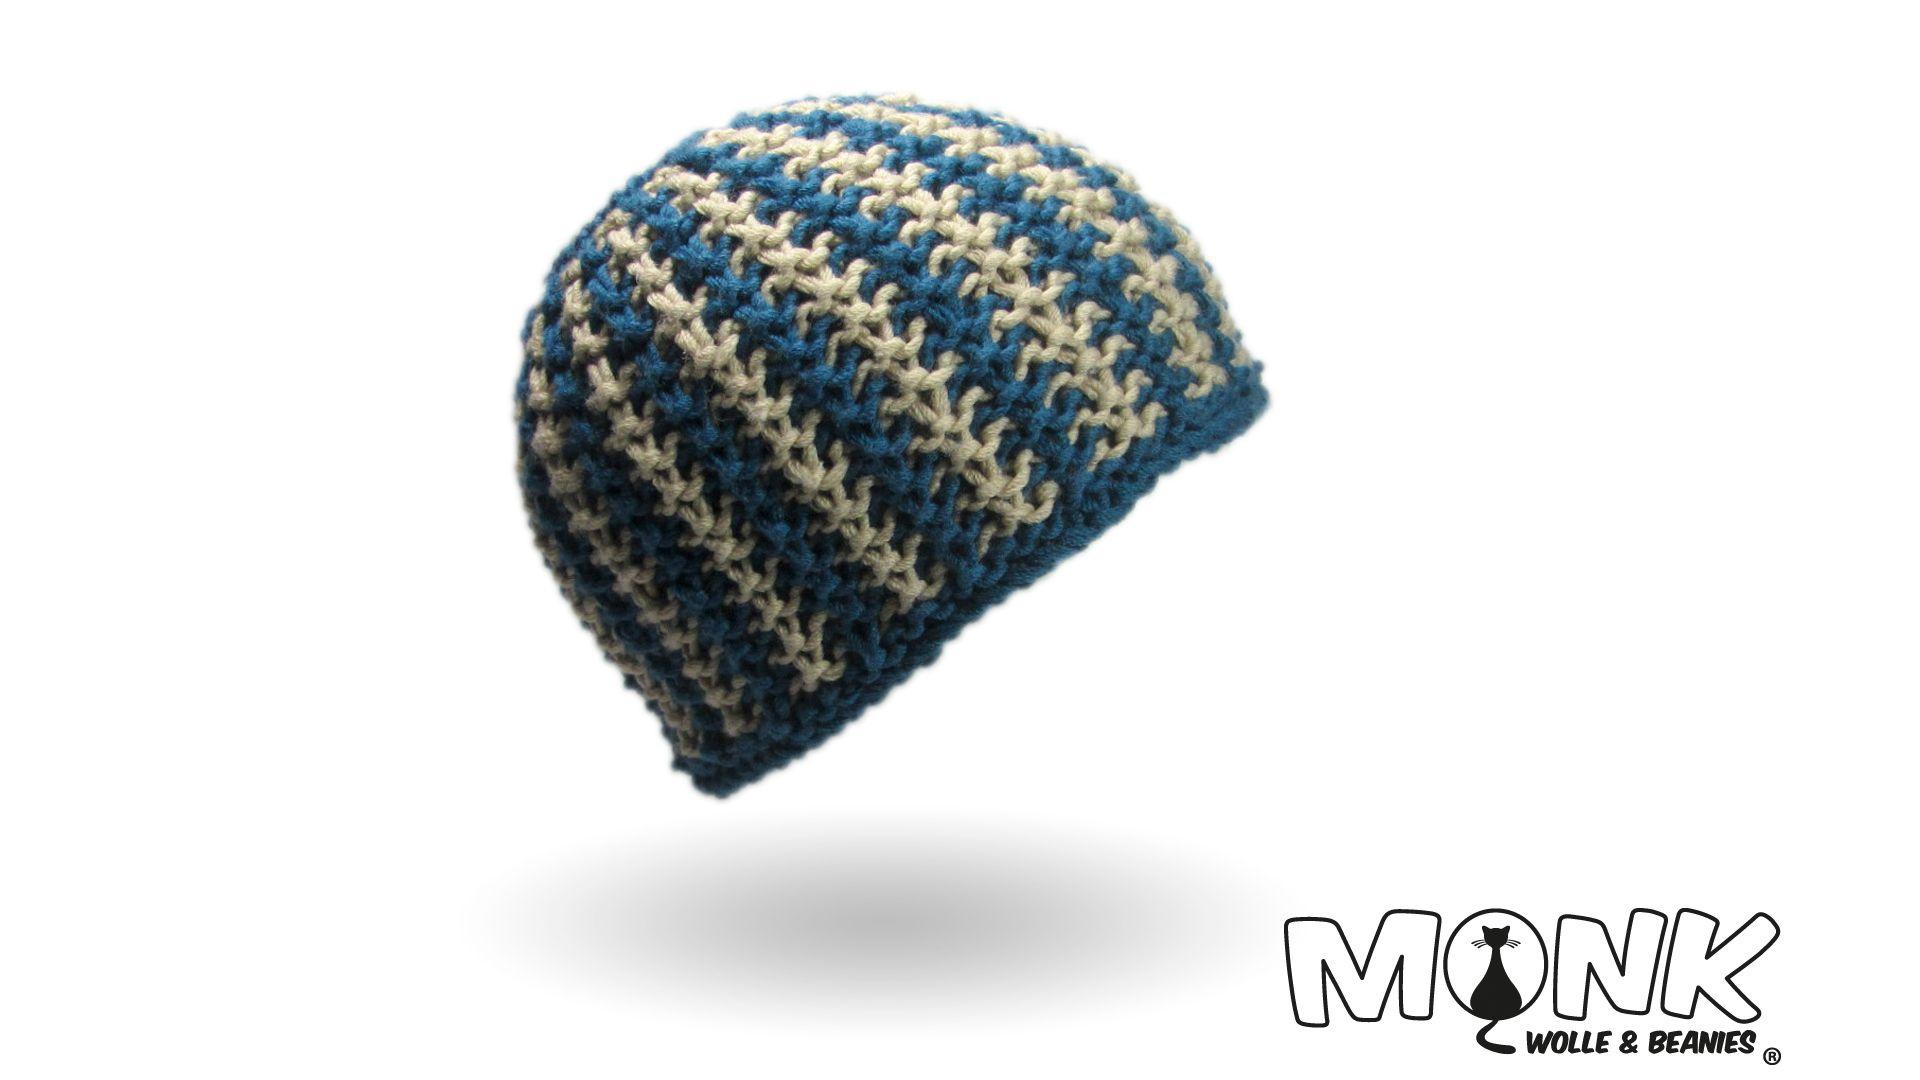 Strickanleitung kostenlos - MONK Wolle & Beanies - gratis ...